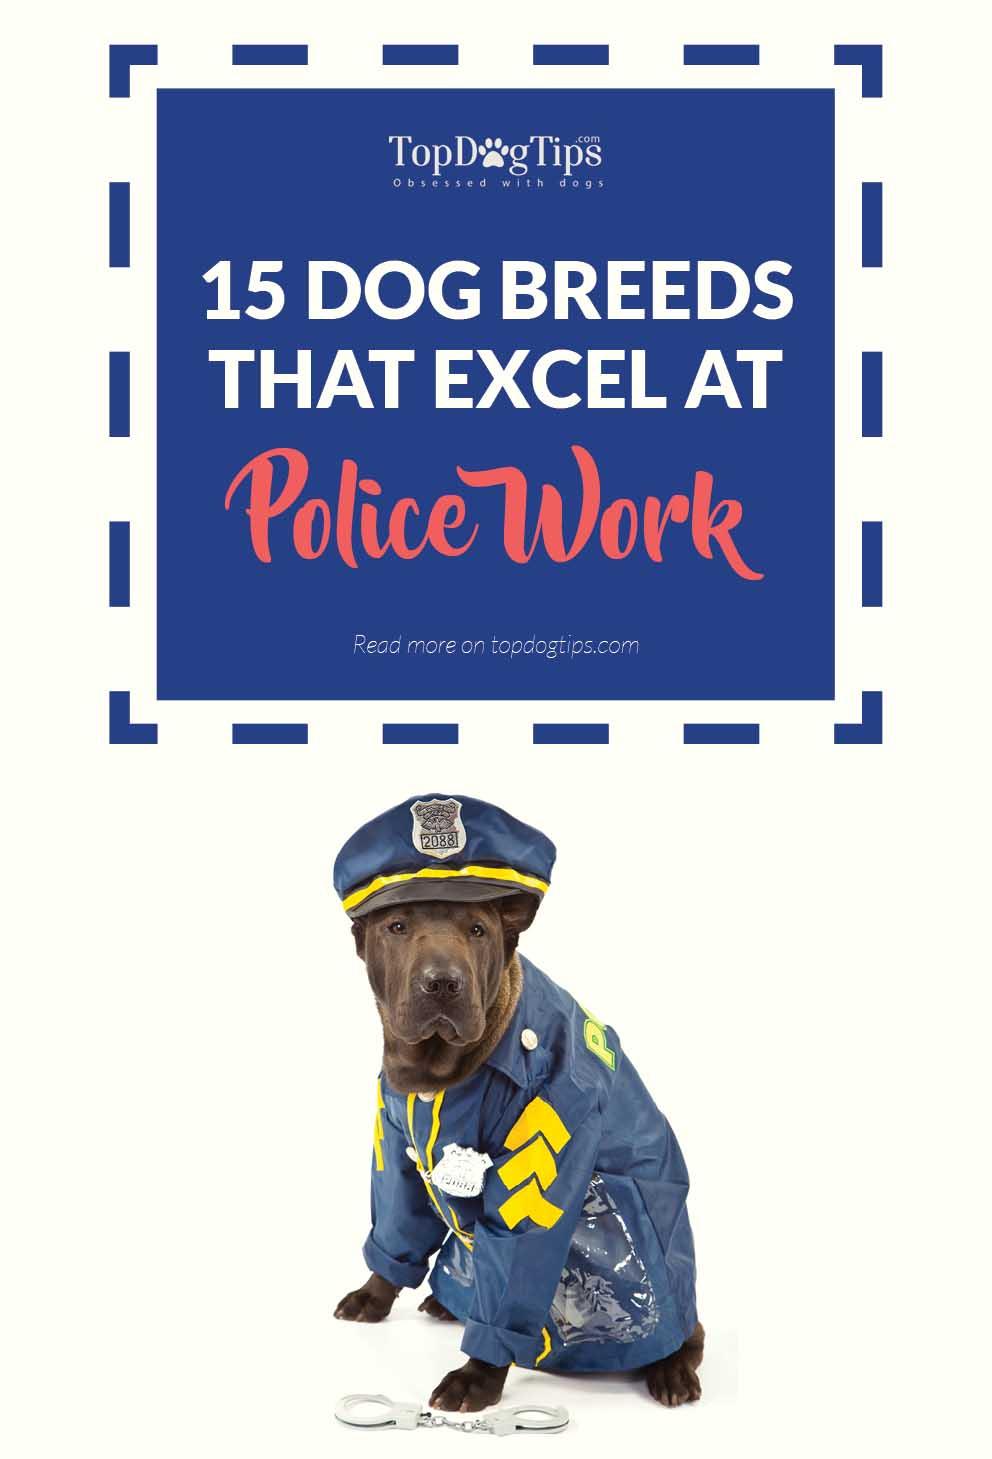 Best Police Dog Breeds for Police Work